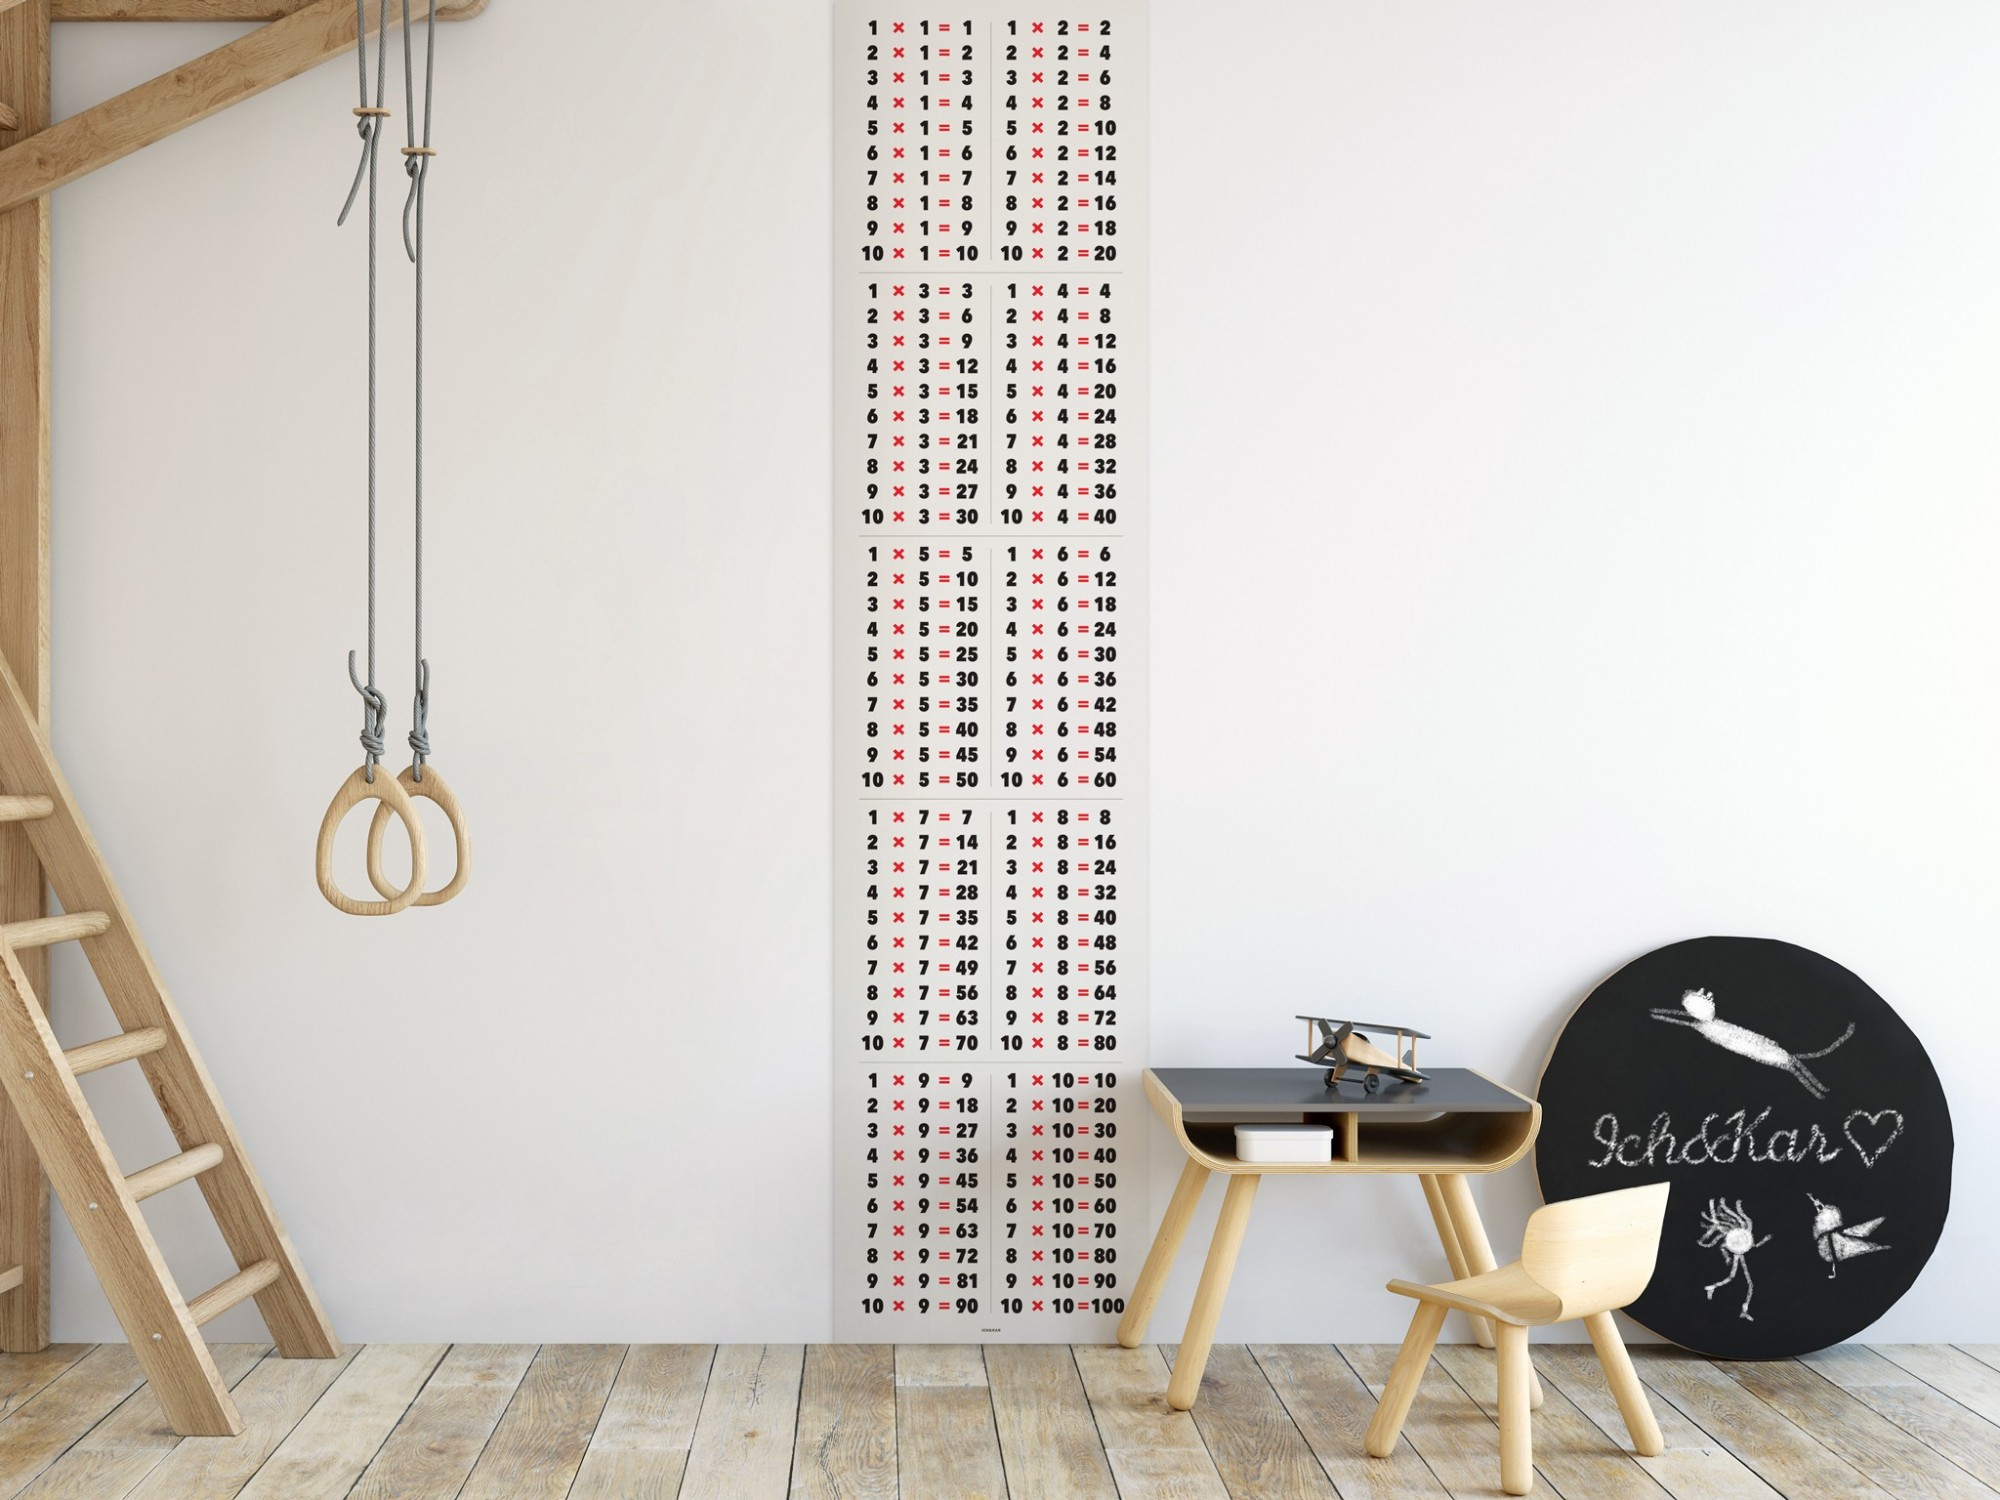 Un lé de papier peint avec tables de multiplications 3x7, collé dans une chambre d'enfant, design IchetKar